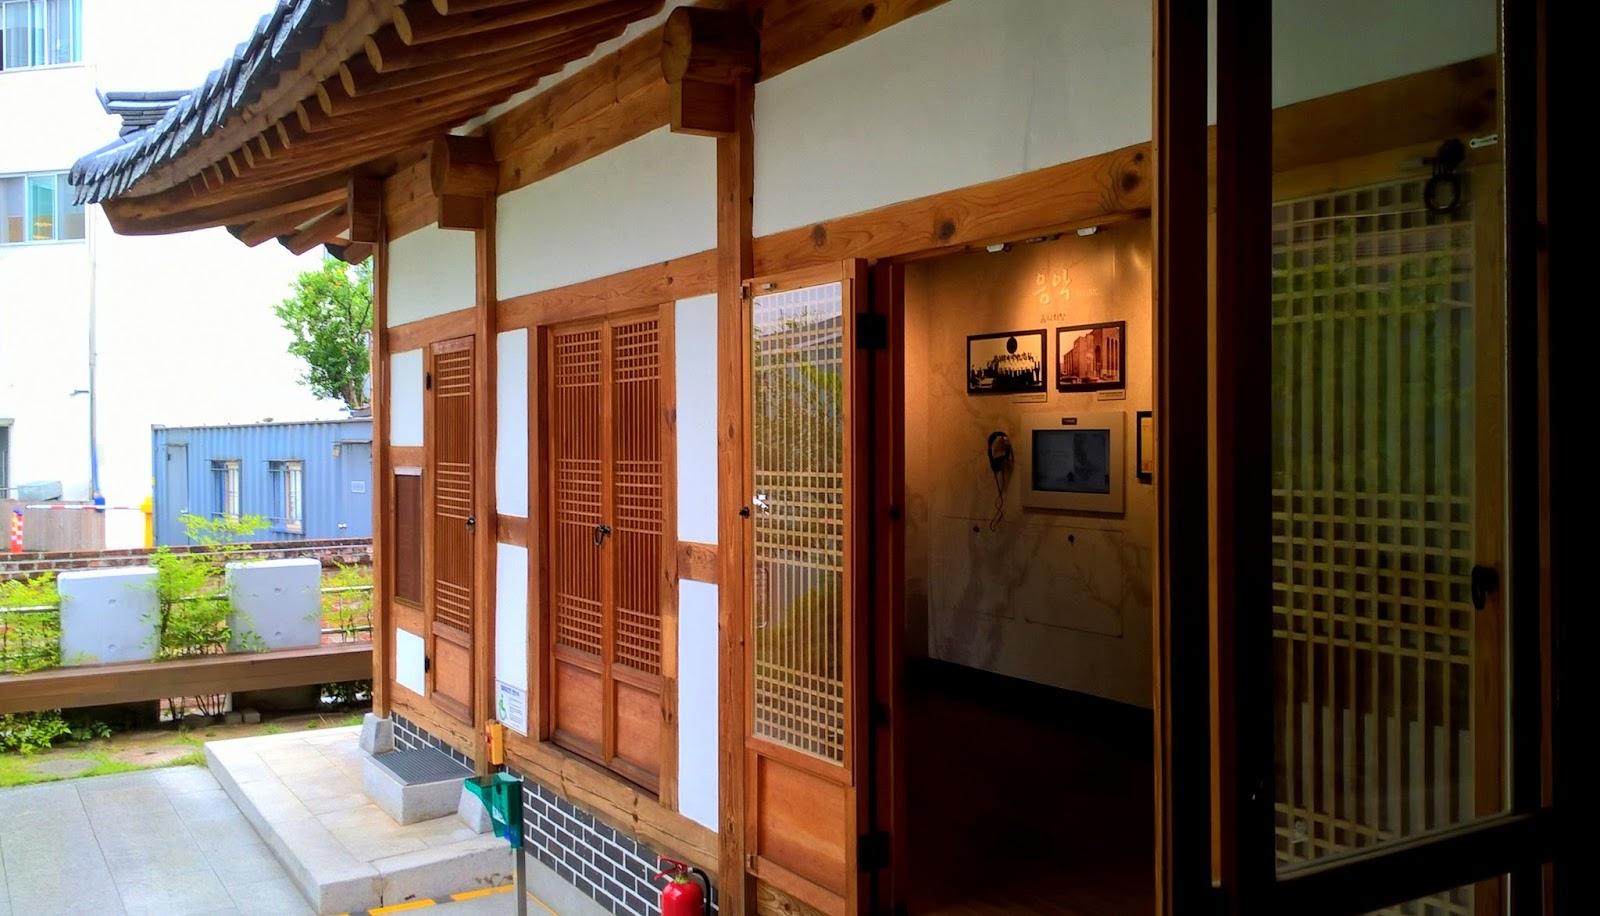 KOREA POŁUDNIOWA, DAEGU: TRADYCYJNE DOMY KOREAŃSKIE, POEZJA I SUKNIE ŚLUBNE